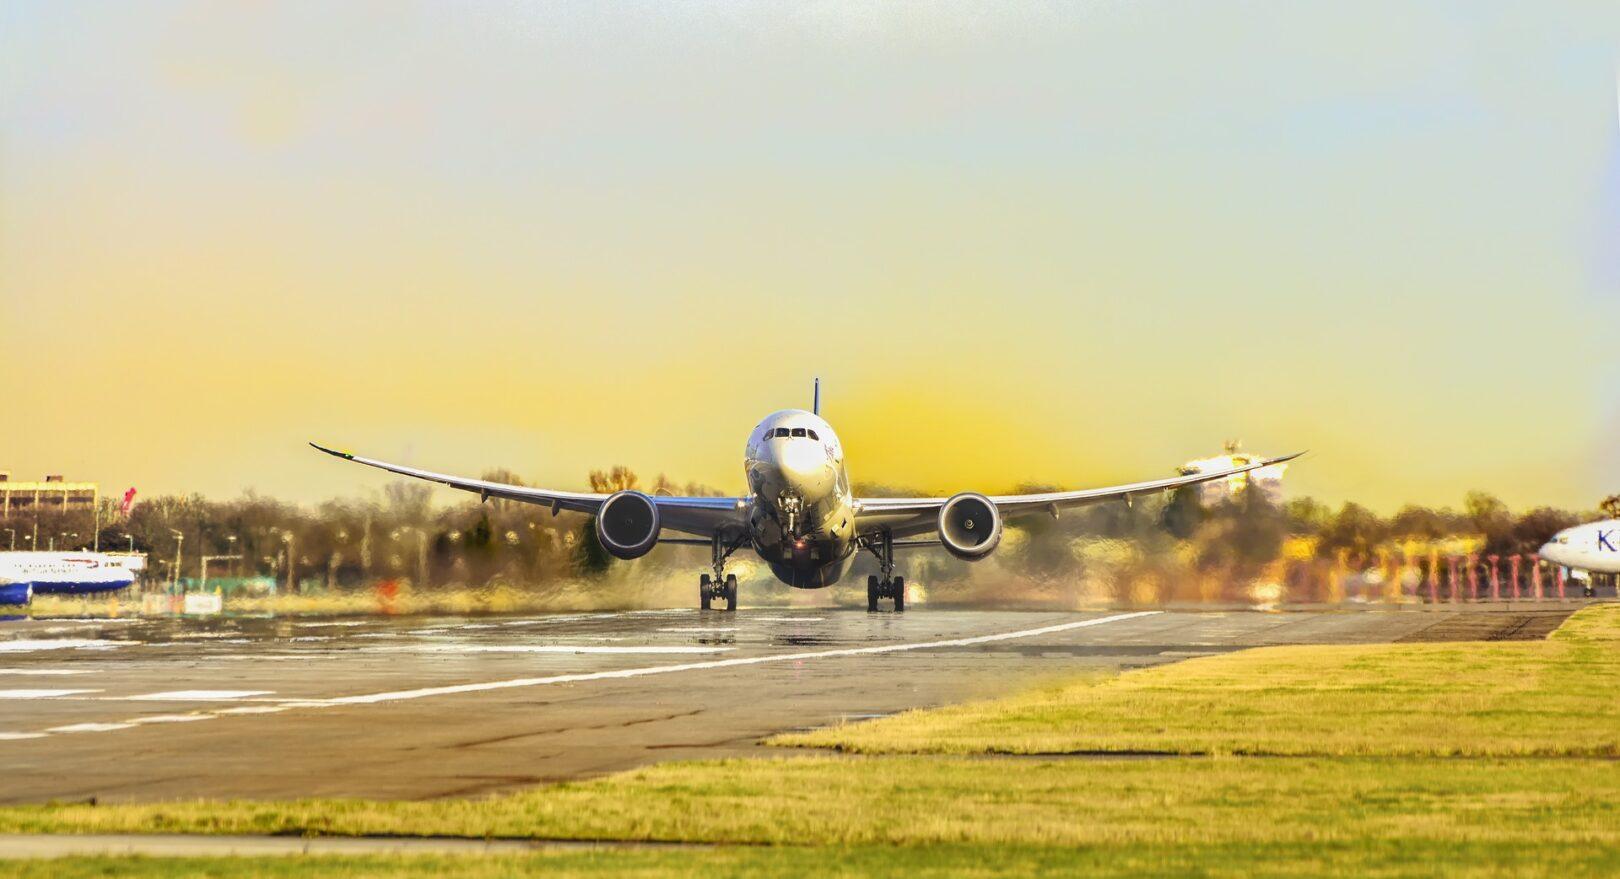 Električno letalo je bolj prijazno okolju kot navadno. Ne proizvaja hrupa niti ne onesnažuje okolje.